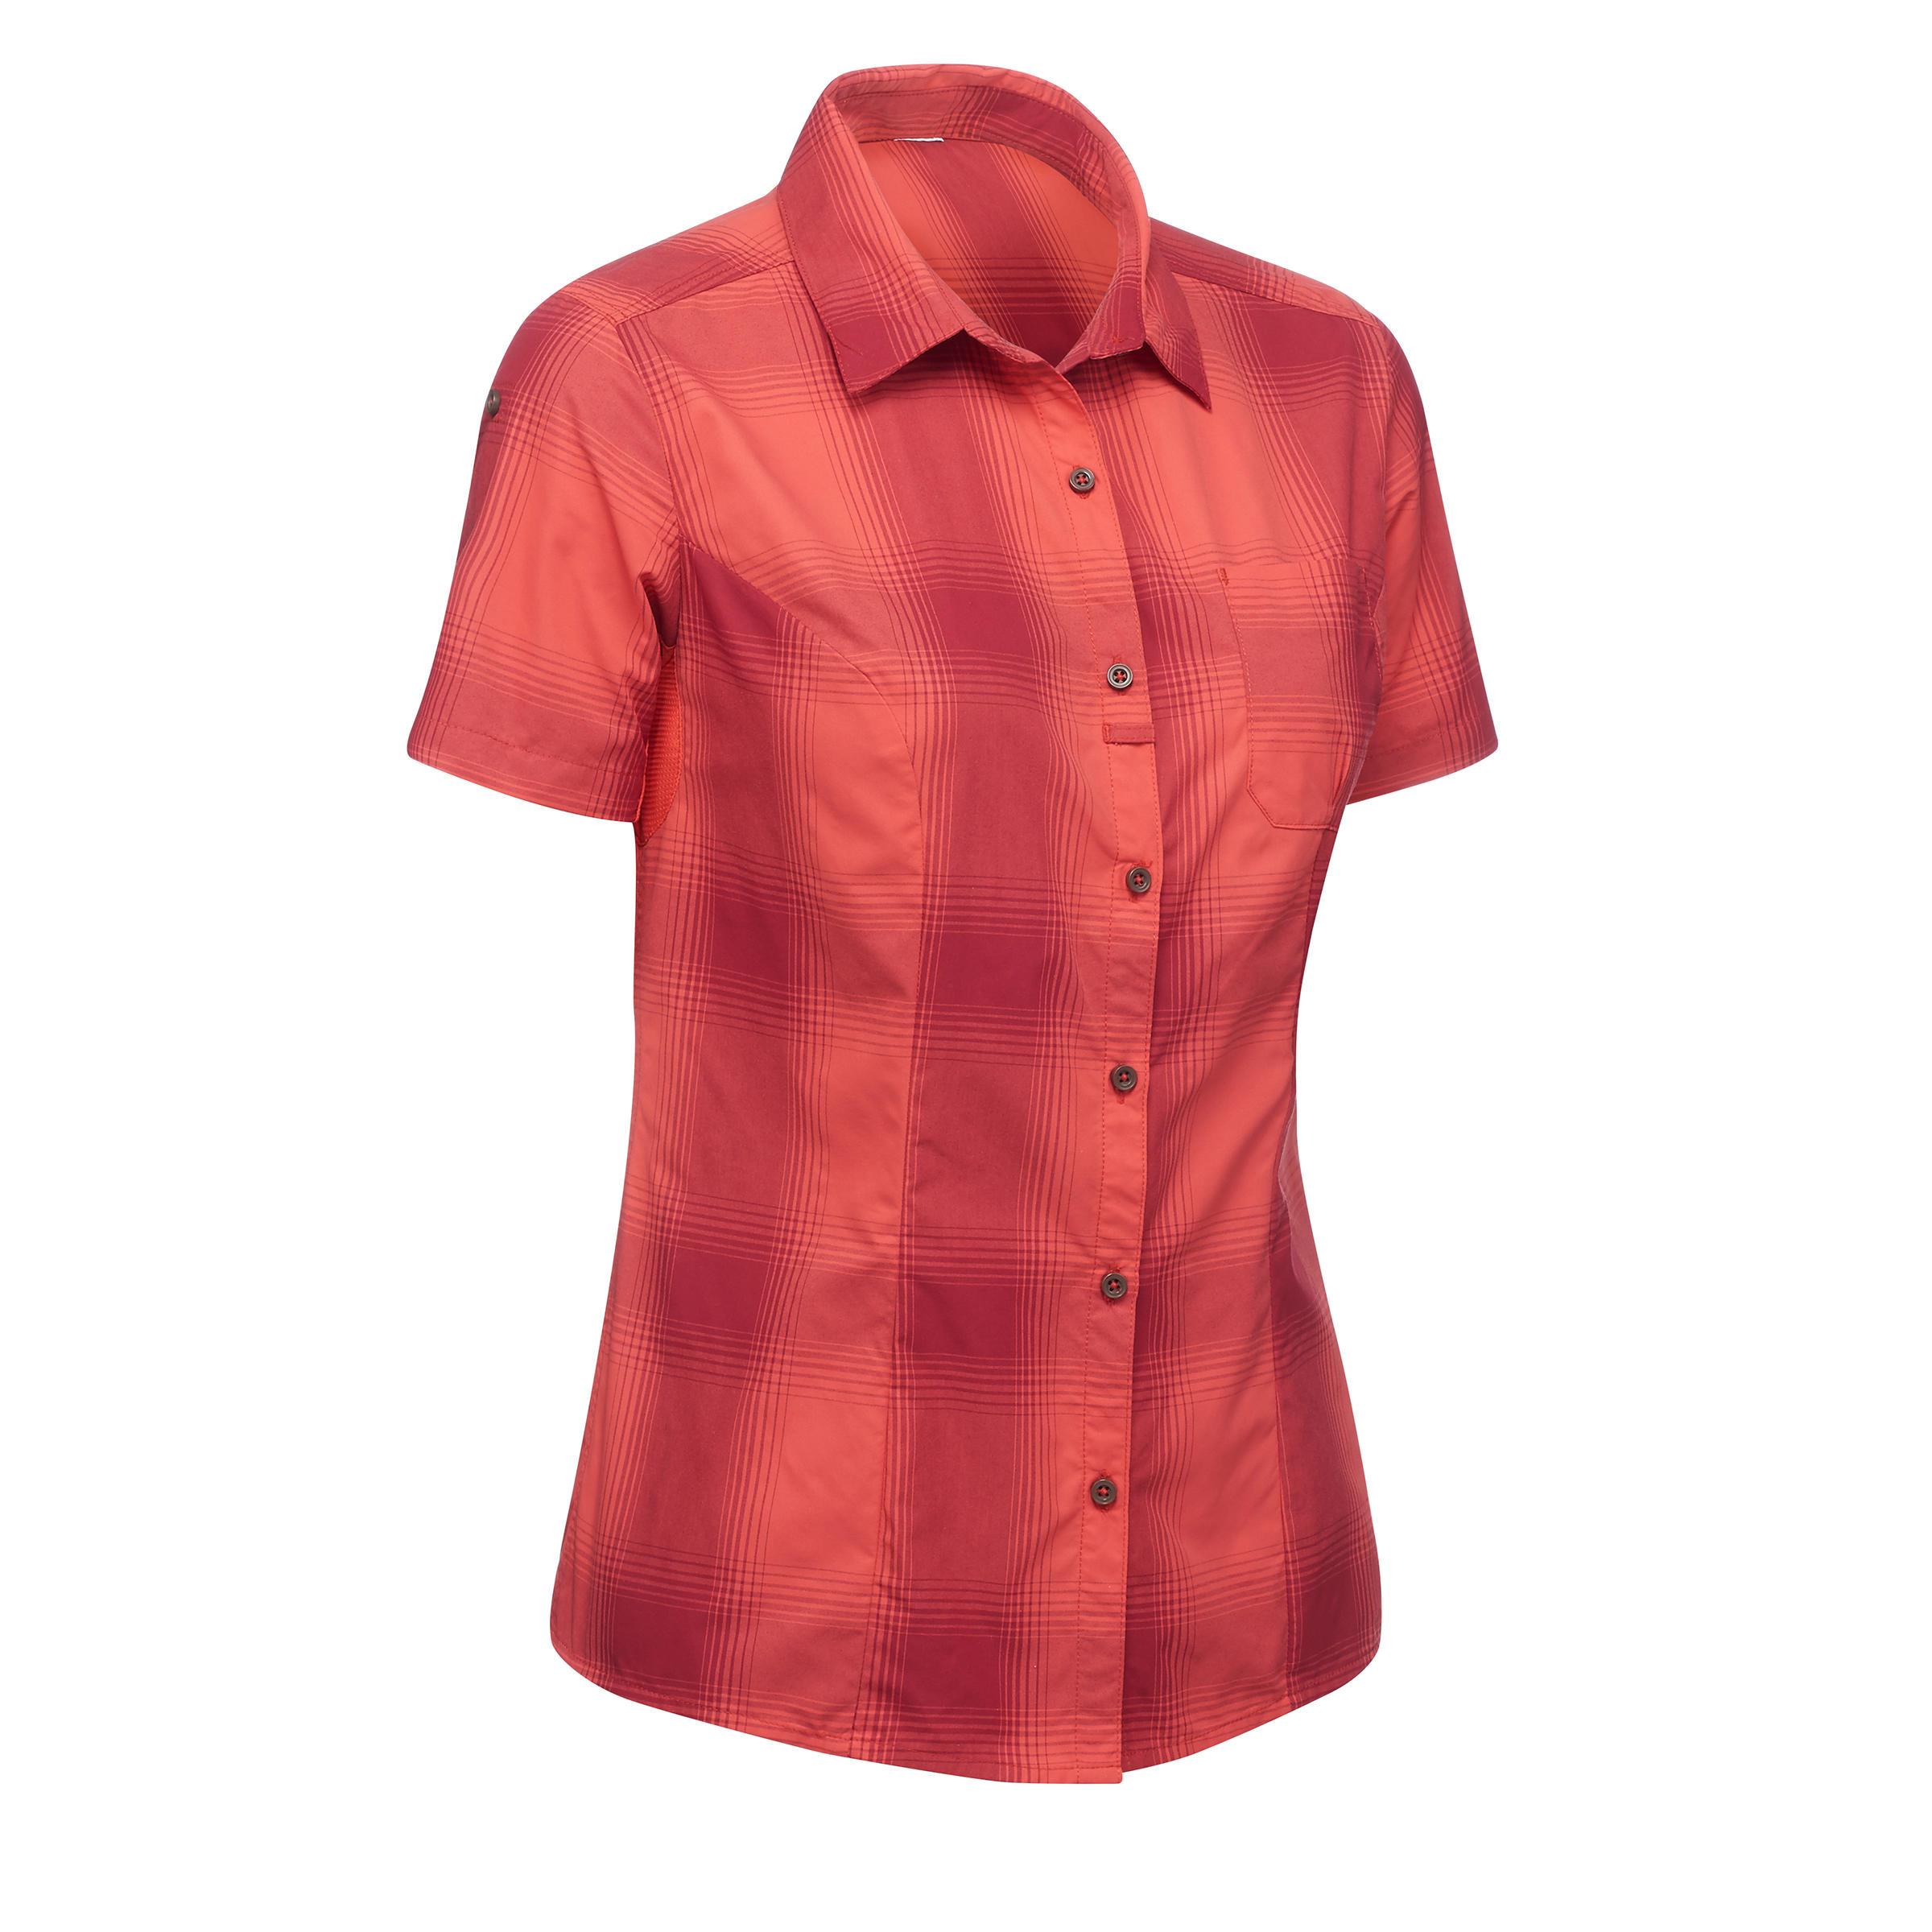 Chemises manches courtes VOYAGE 100 femme corail